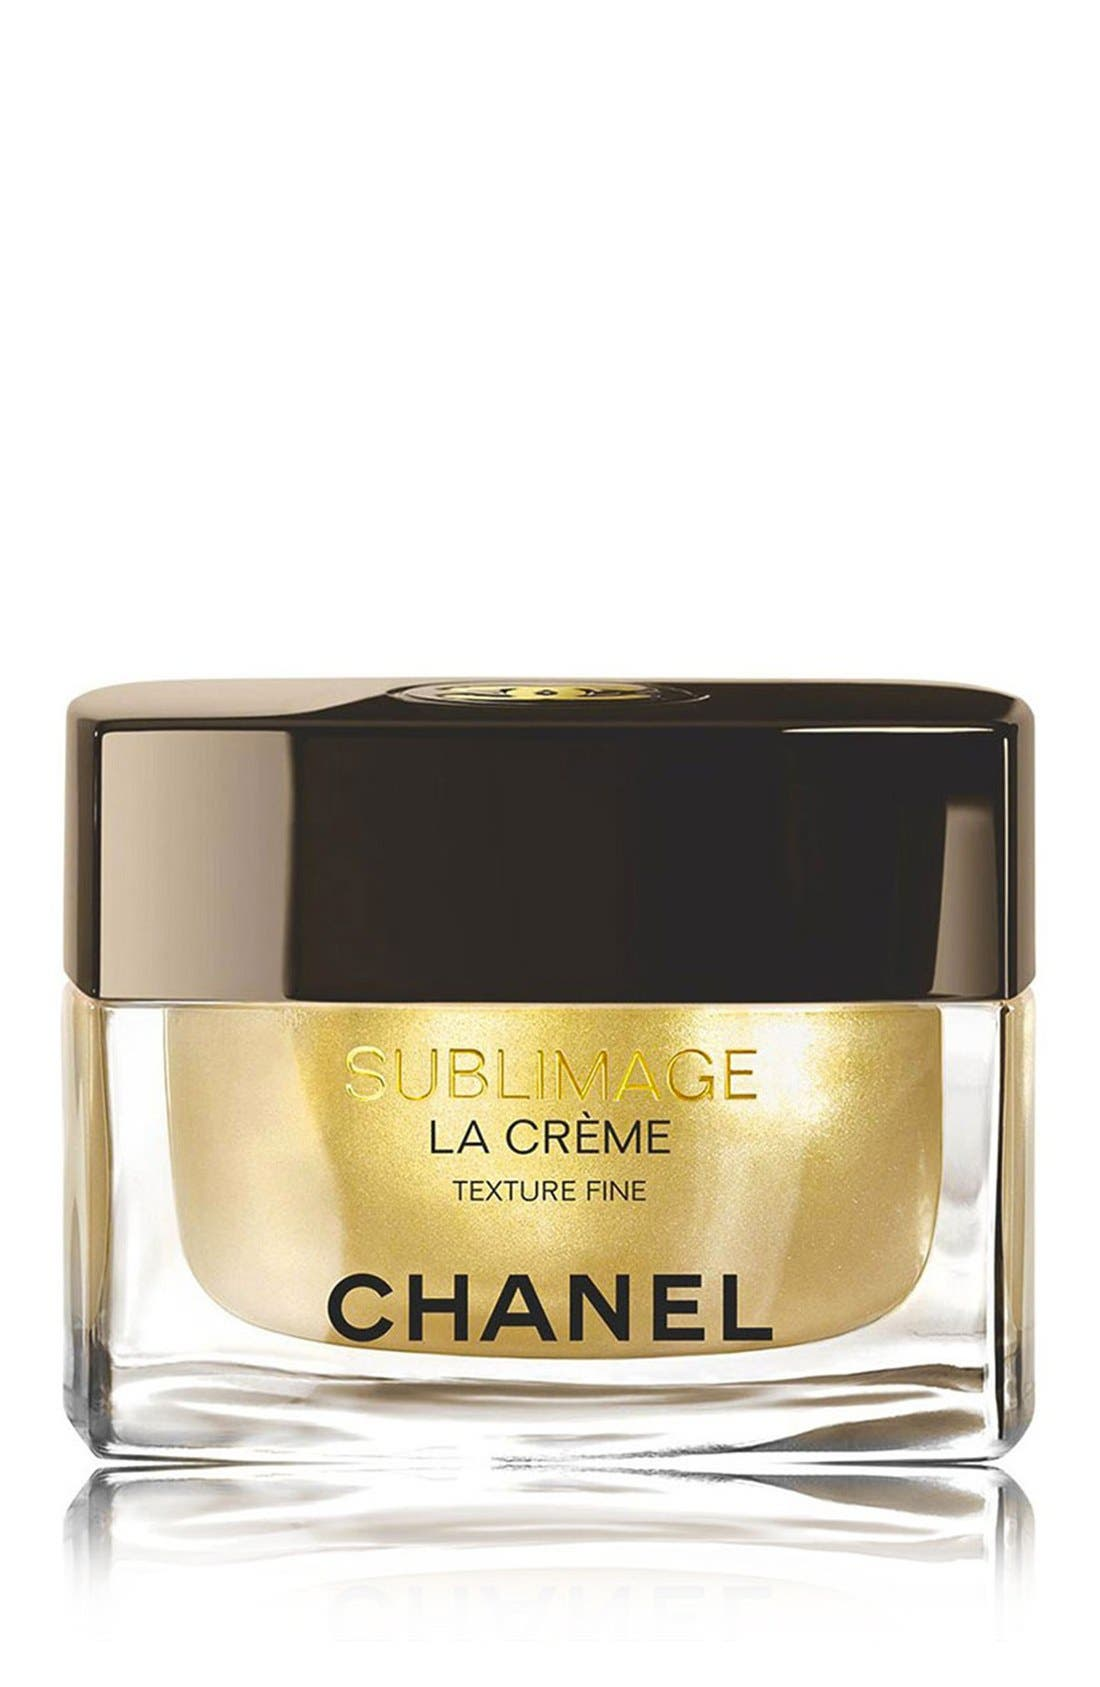 CHANEL SUBLIMAGE LA CRÈME  Ultimate Skin Regeneration Texture Fine